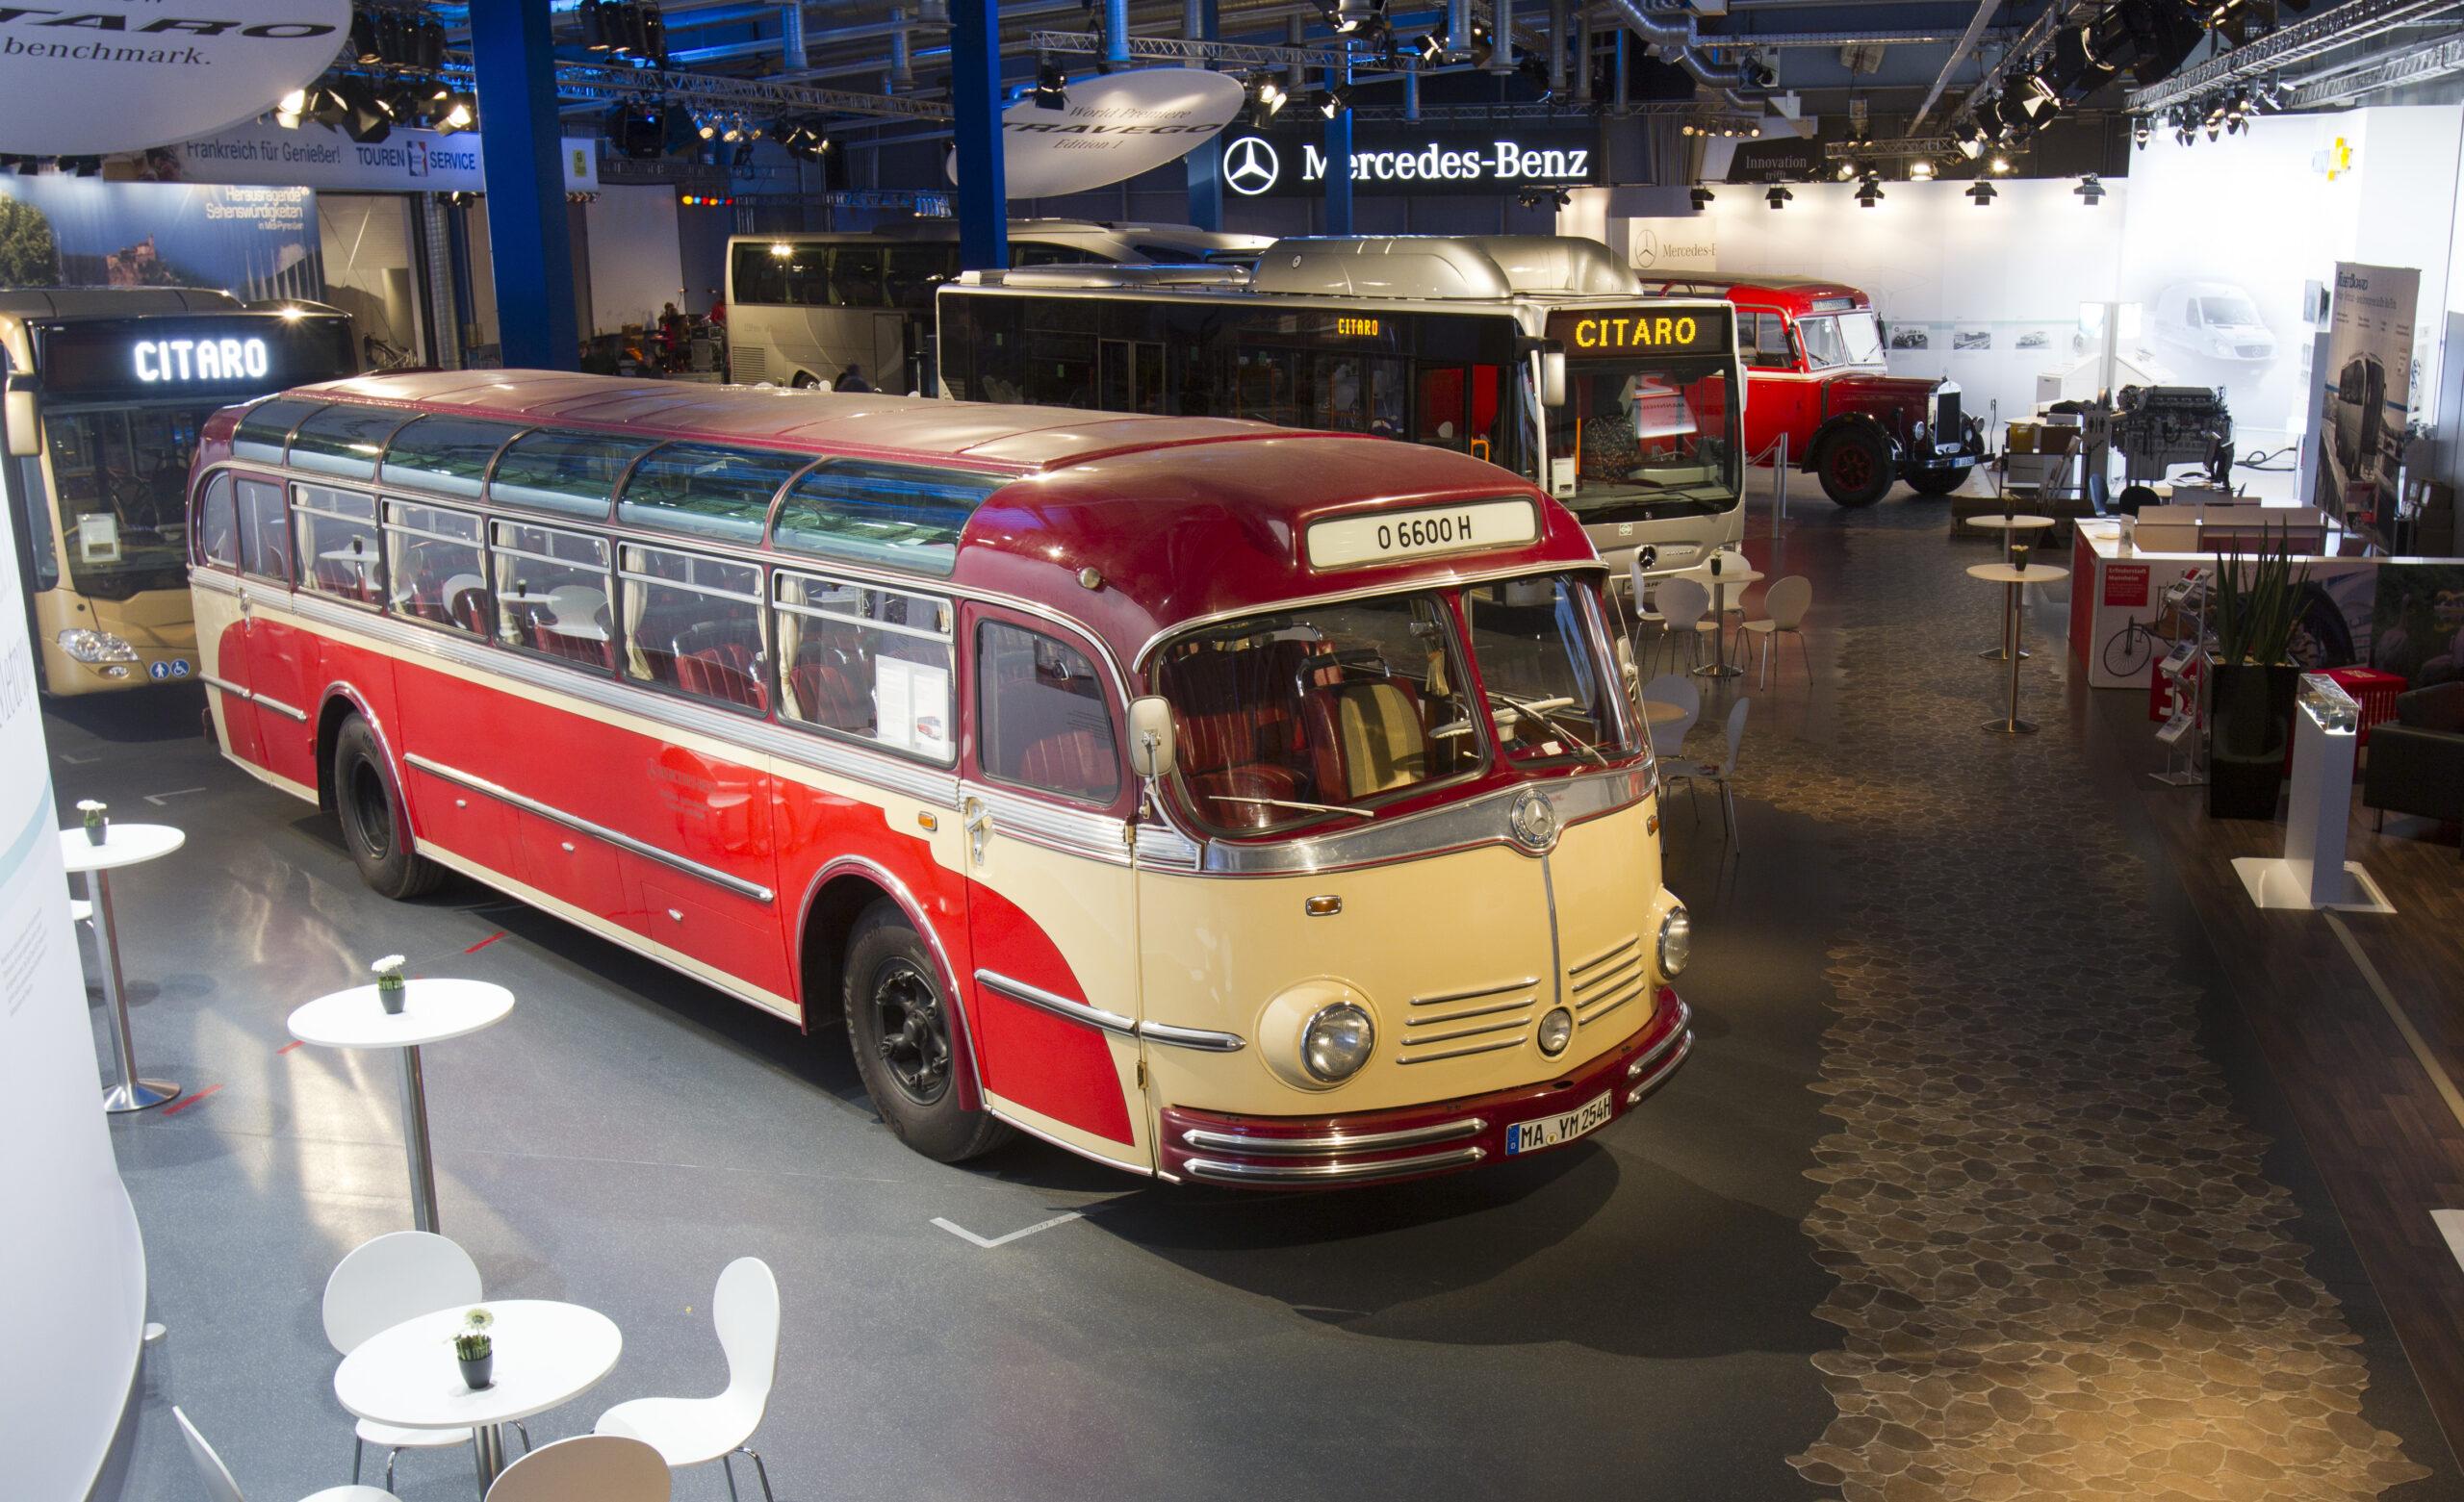 Die Mercedes-Benz O 6600 H + T Omnibusse von 1951